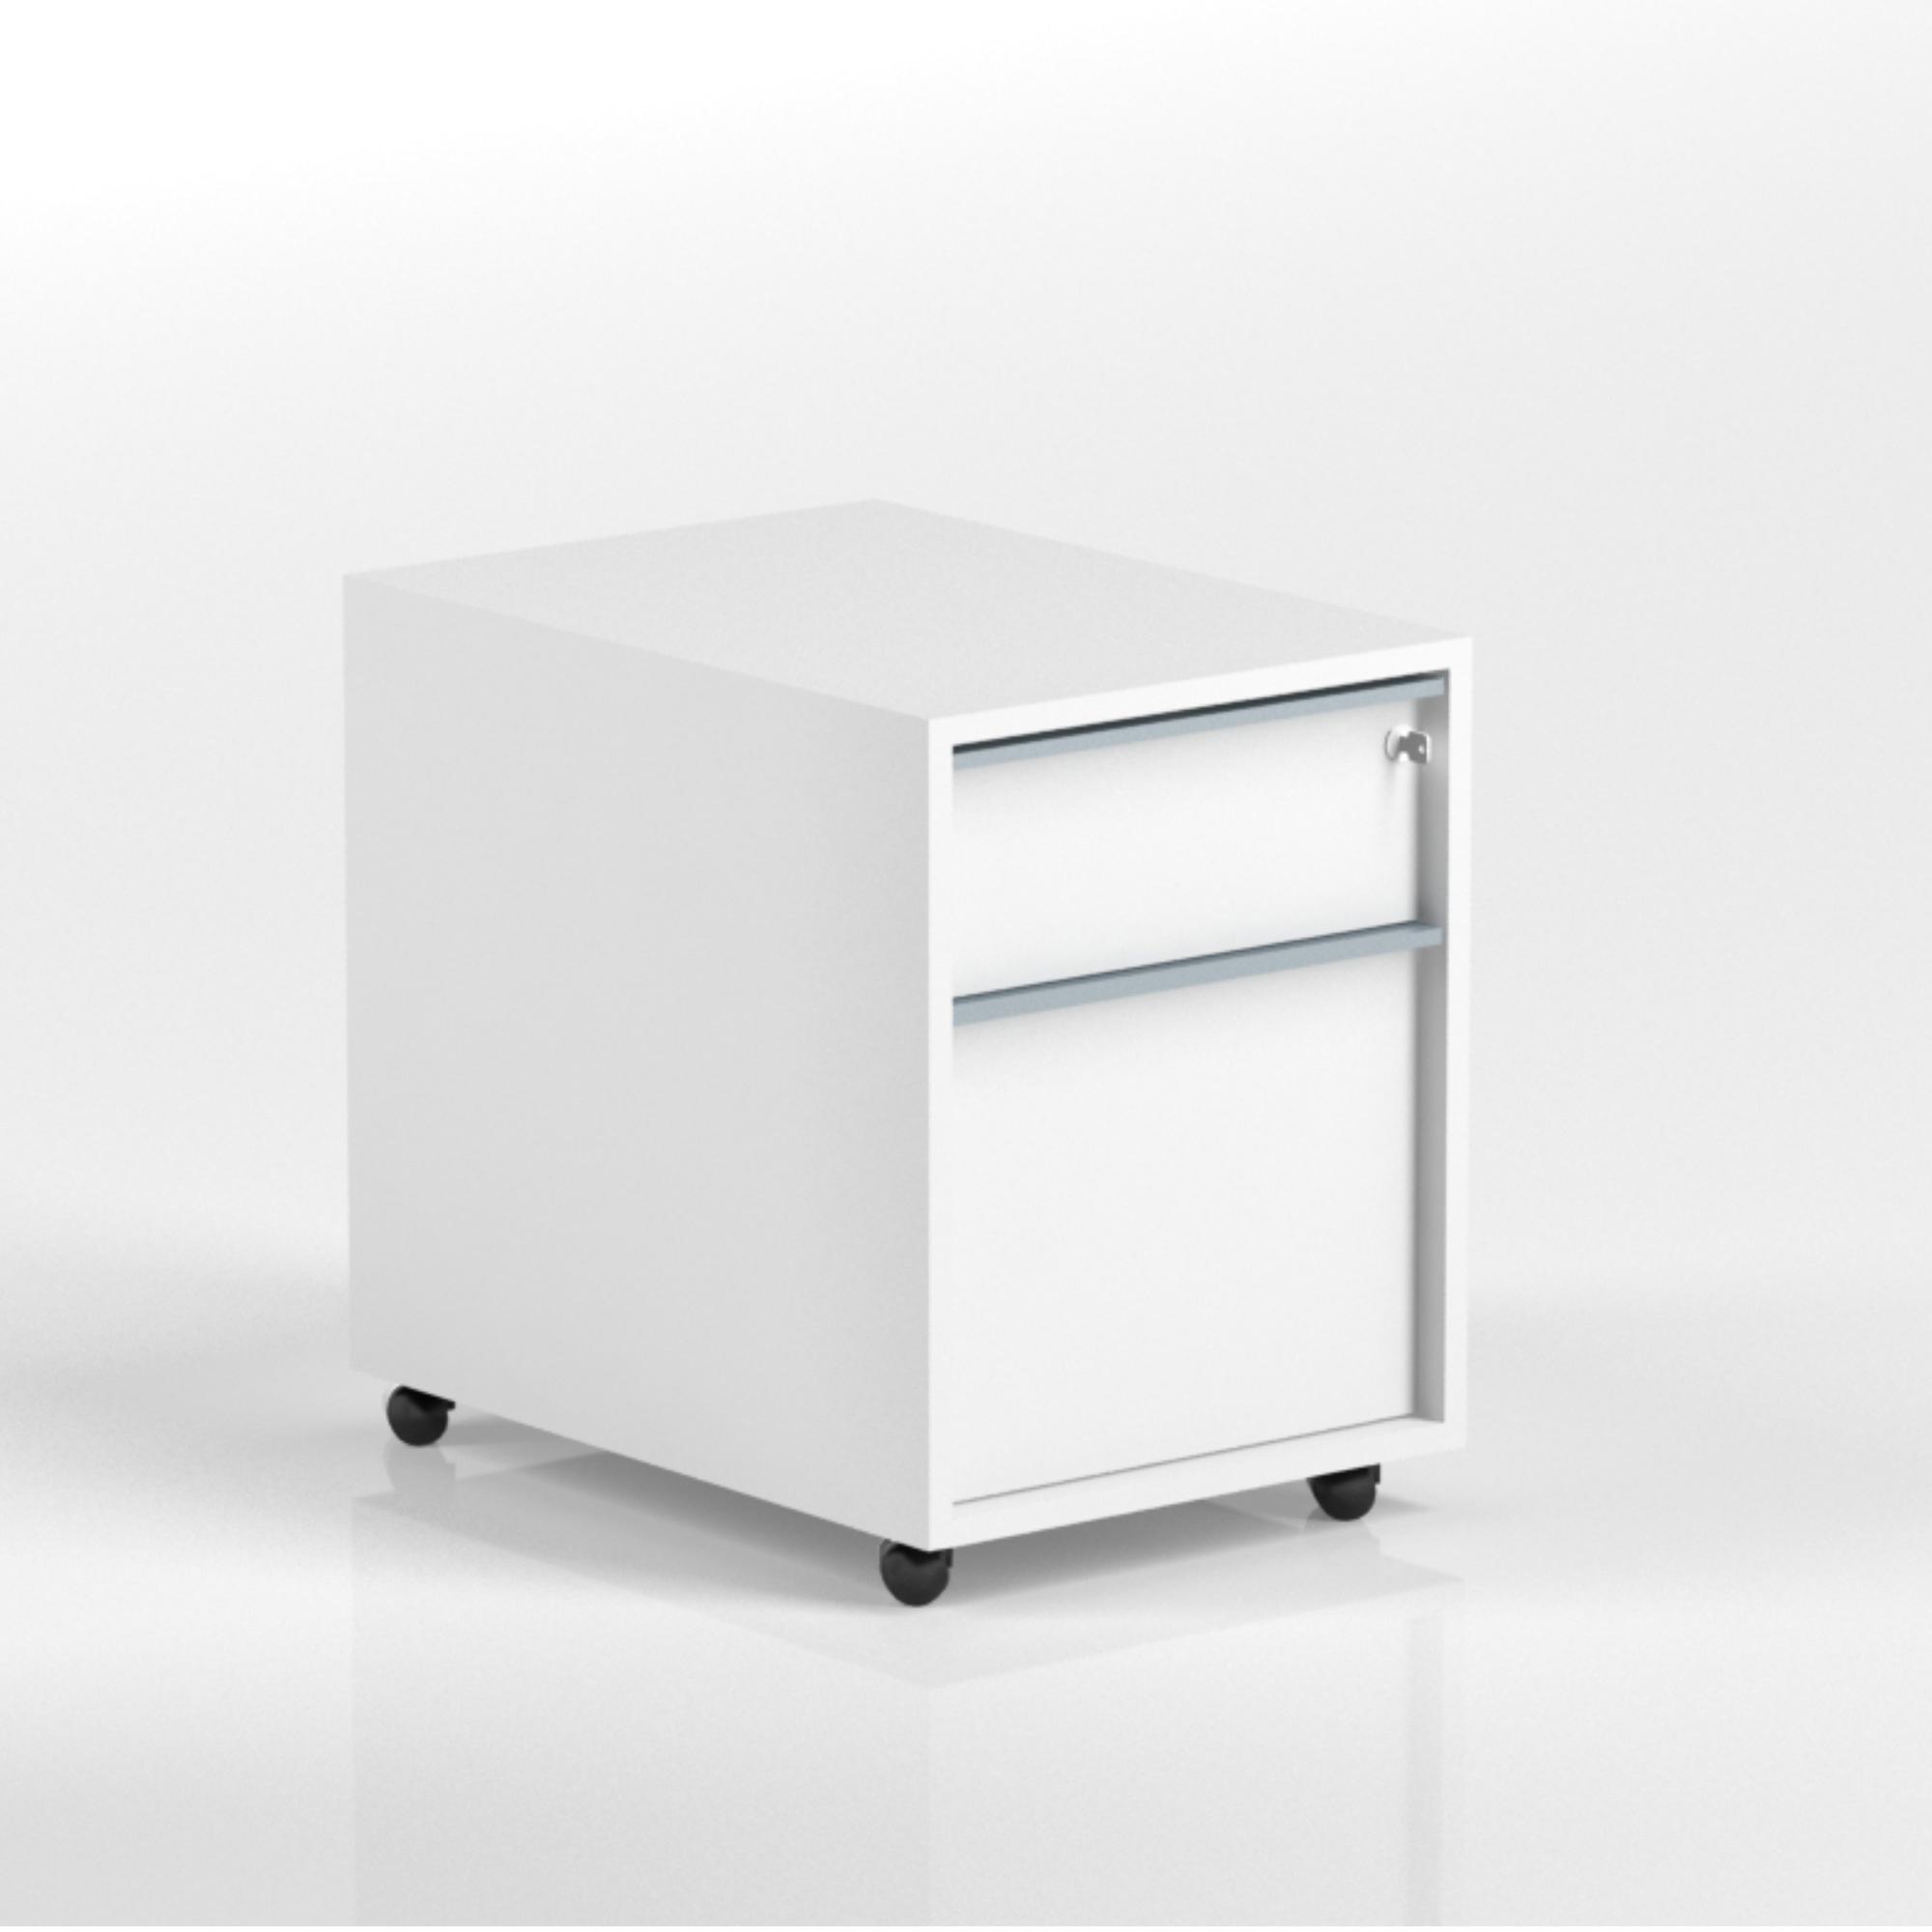 Rollcontainer FLEX T60 B43 H56 mit 1 x Schublade, 1 x ...